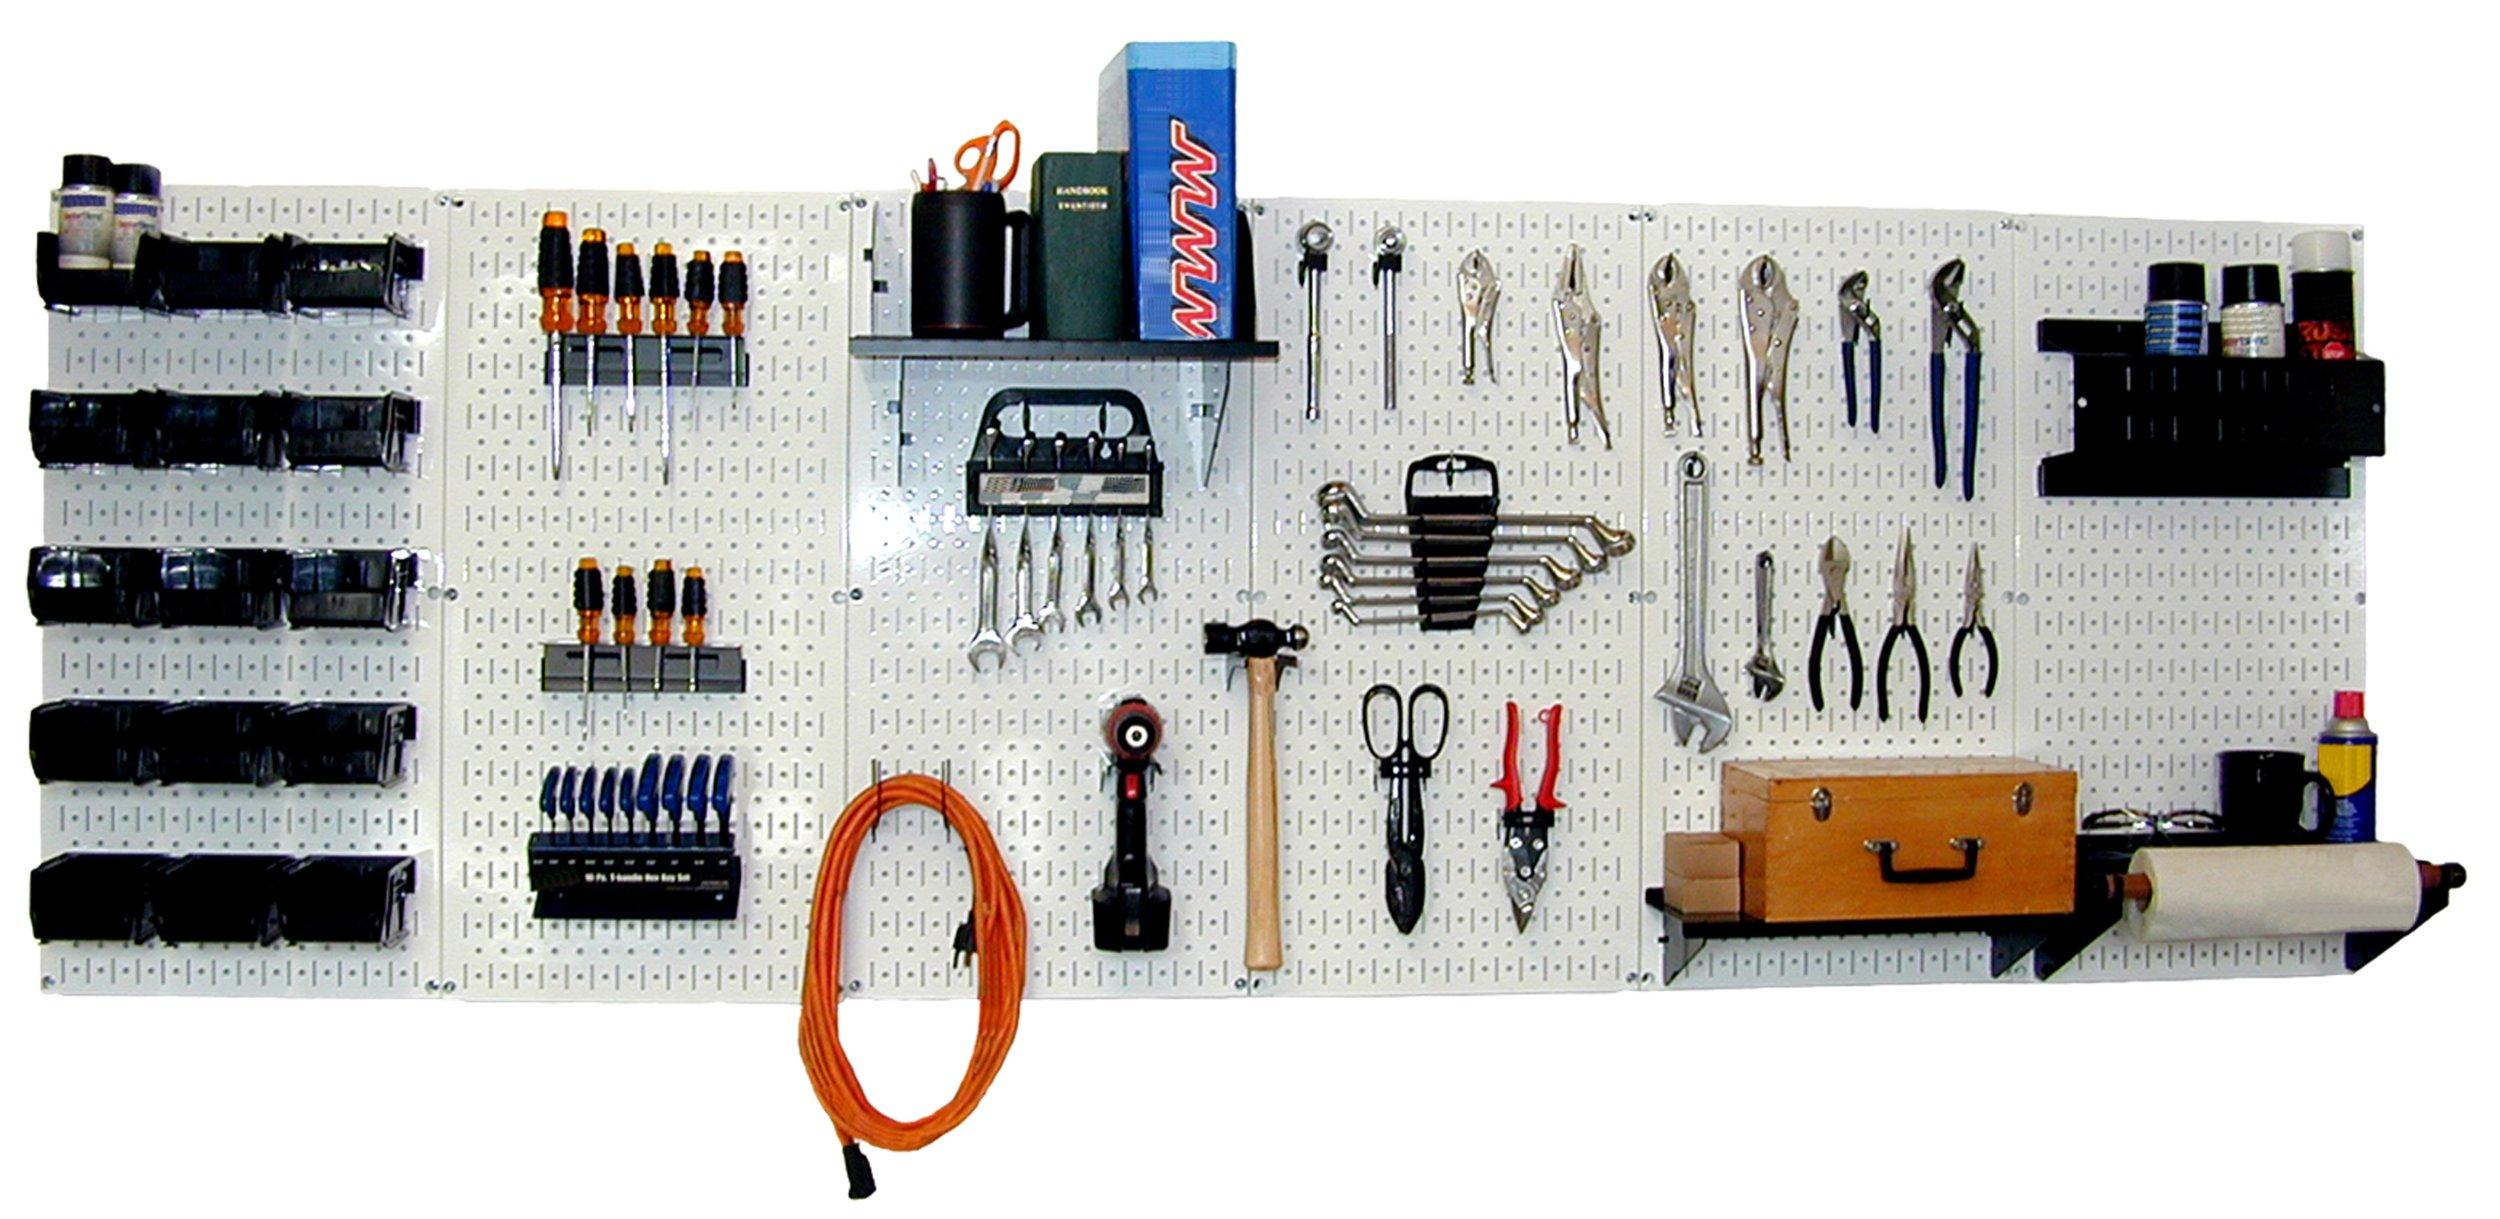 Wall Control 30-WRK-800WB Master Workbench Metal Pegboard Tool Organizer